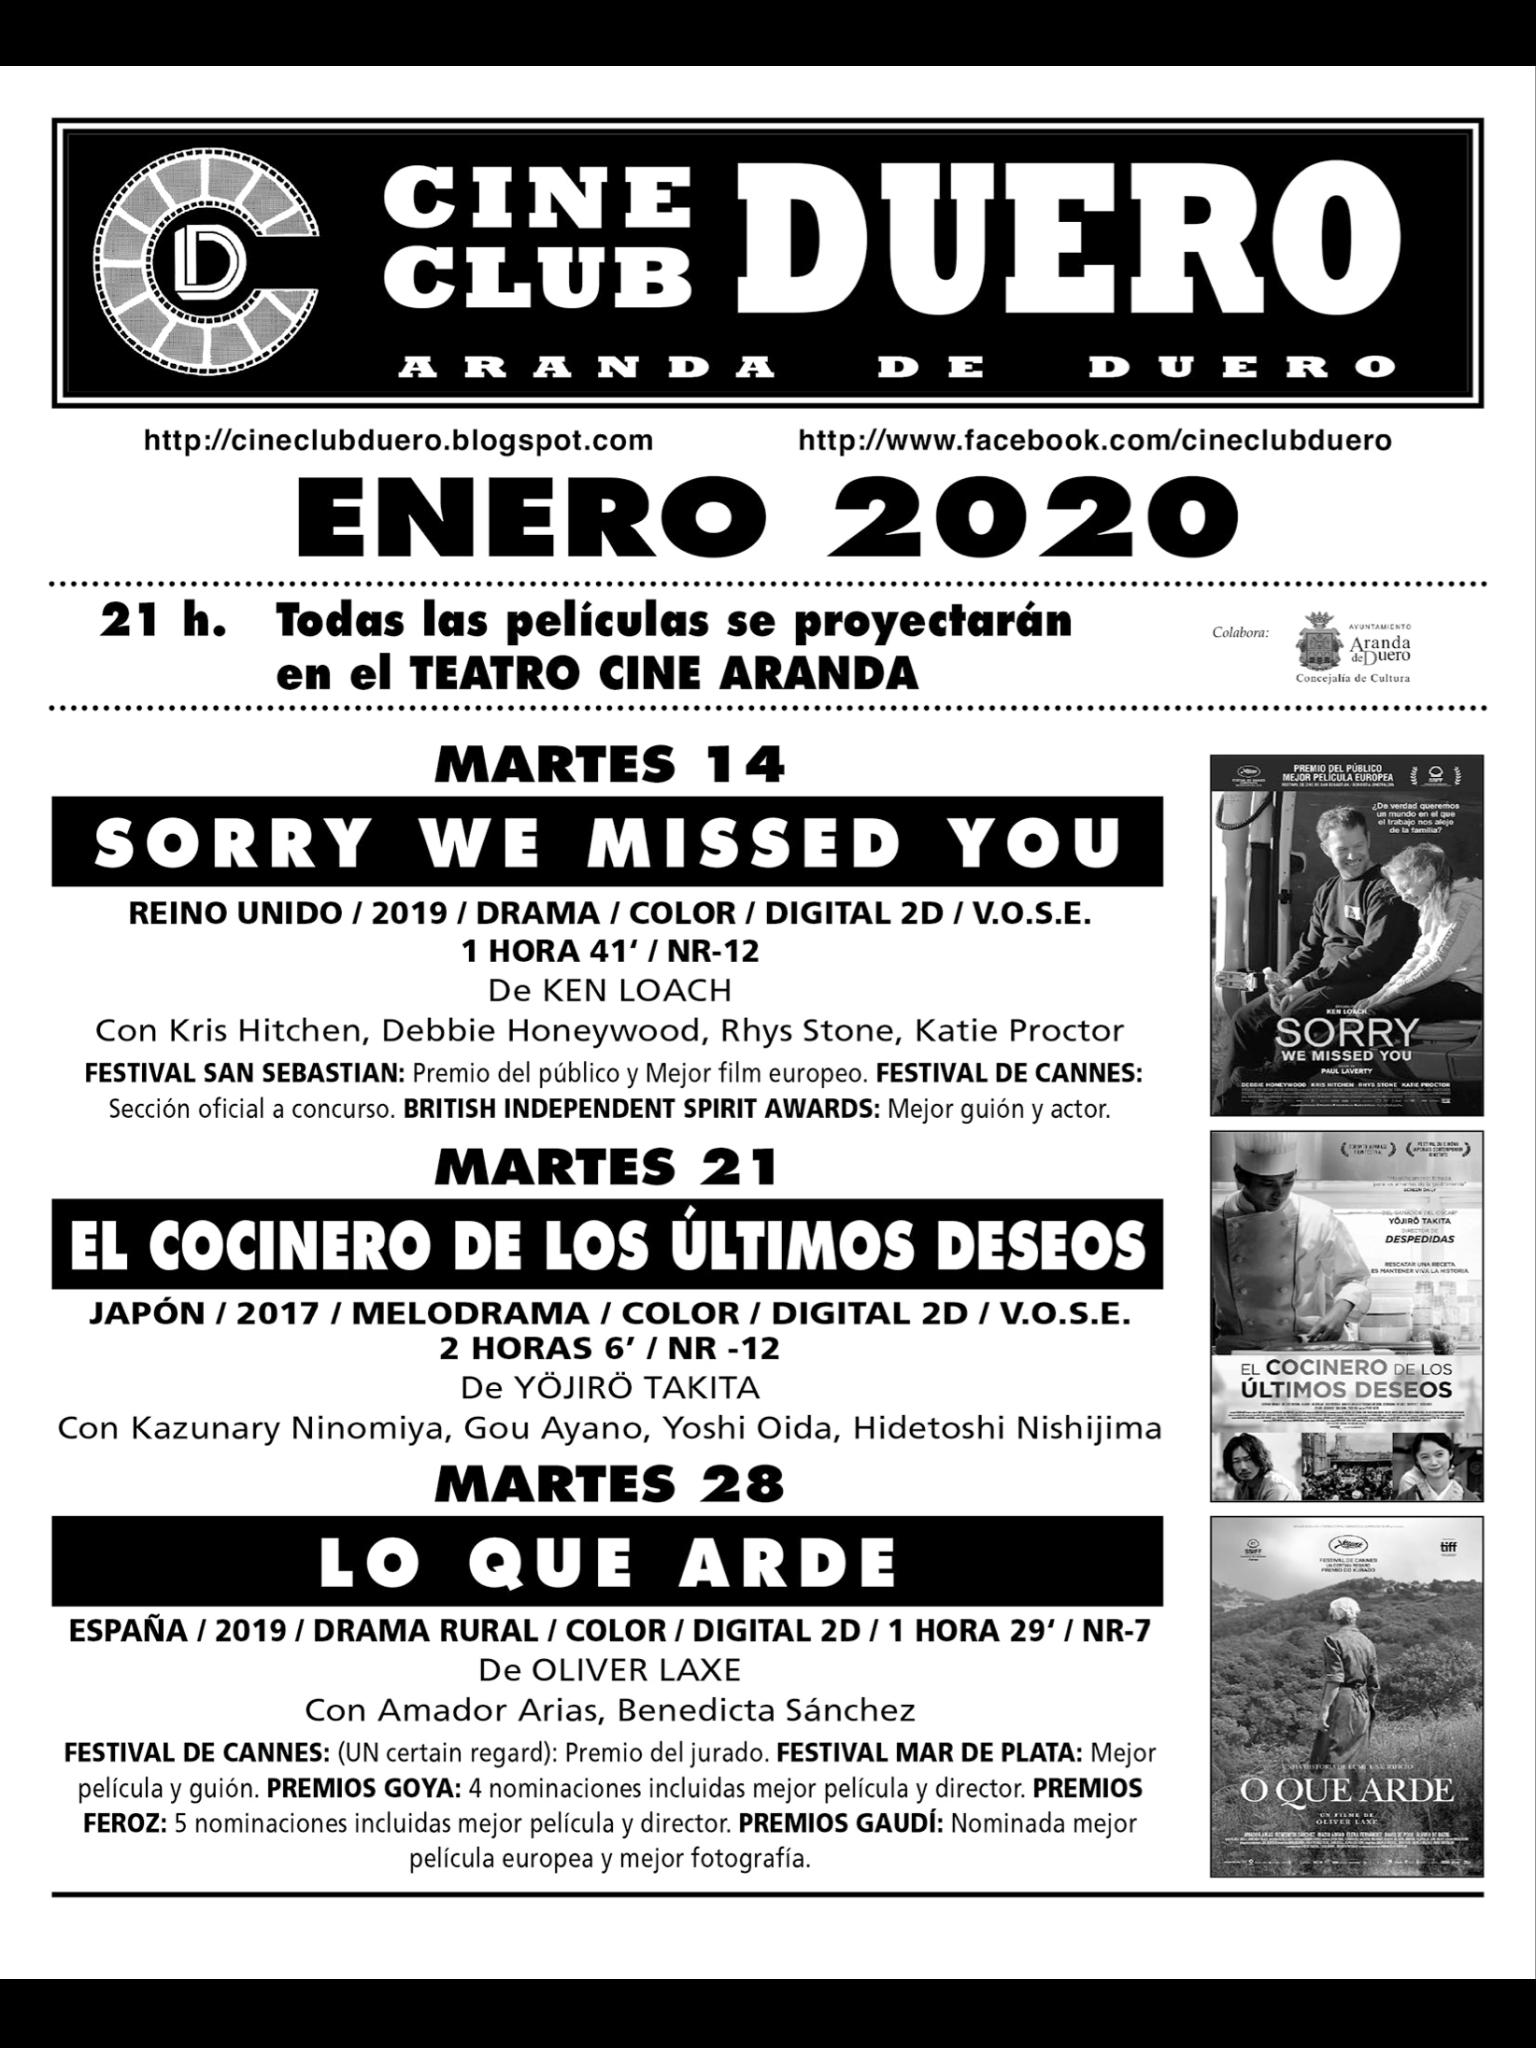 Cartelera Arandina On Twitter Excelente El Programa De Enero Del Cine Club Duero No Te Lo Pierdas Arandadeduero Riberadelduero